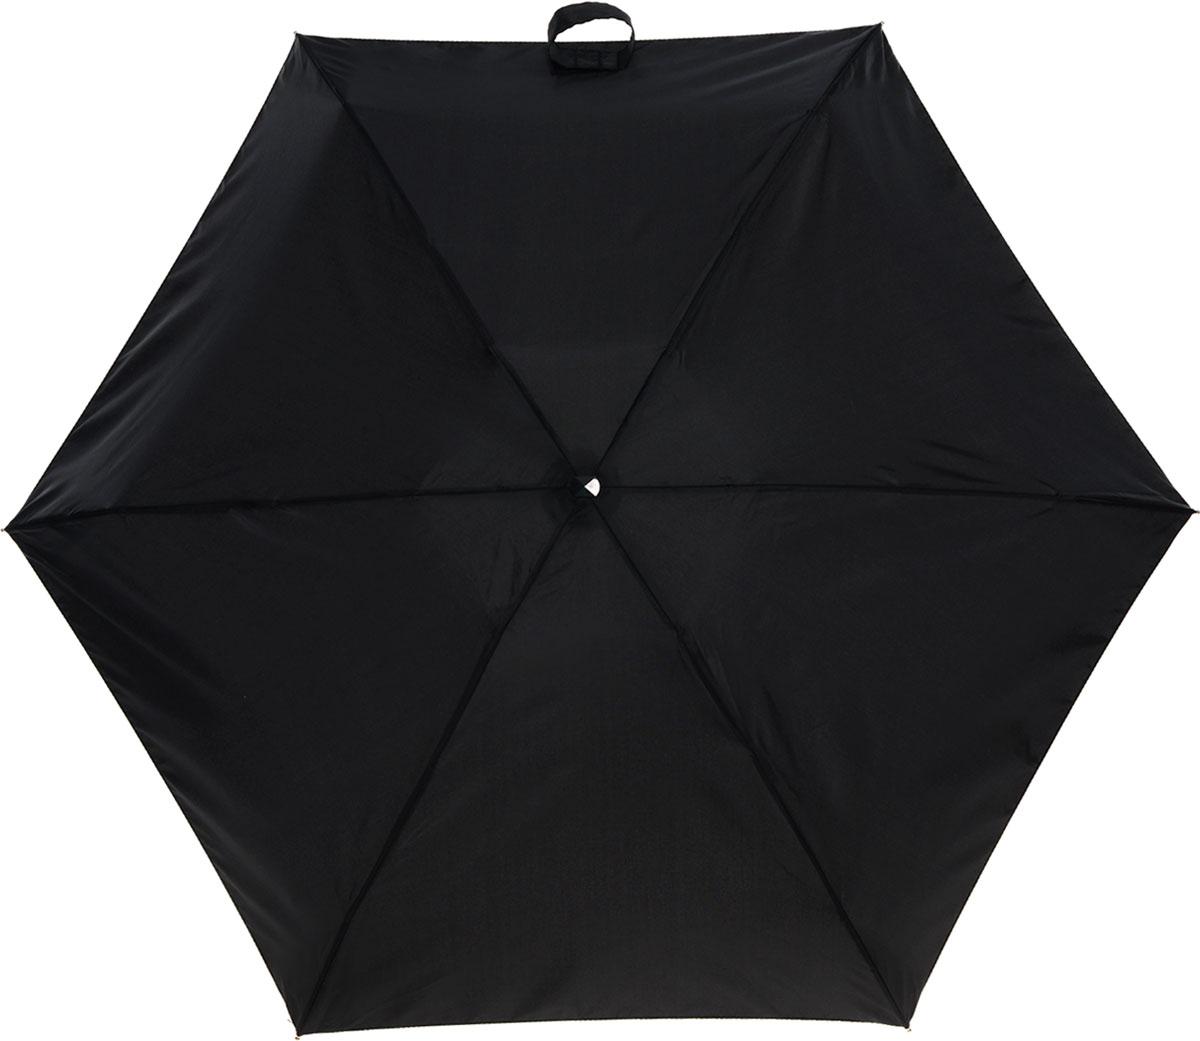 """Зонт женский Fulton, механический, 5 сложений, цвет: черный45100839/18076/7900NСтильный сверхкомпактный зонт """"Fulton"""" защитит от непогоды, а его компактный размер позволит вам всегда носить его с собой. """"Ветростойкий"""" плоский алюминиевый каркас зонта в 5 сложений состоит из шести спиц с элементами из фибергласса, зонт оснащен удобной рукояткой из прорезиненного пластика. Купол зонта выполнен из прочного полиэстера черного цвета. На рукоятке для удобства есть небольшой шнурок, позволяющий надеть зонт на руку тогда, когда это будет необходимо. К зонту прилагается чехол.Зонт механического сложения: купол открывается и закрывается вручную, стержень также складывается вручную до характерного щелчка. Характеристики: Материал: алюминий, фибергласс, пластик, полиэстер. Цвет: черный. Диаметр купола: 87 см. Длина зонта в сложенном виде: 15 см. Длина ручки (стержня) в раскрытом виде:50 см.Вес: 158 г.Артикул: L500 3F001."""